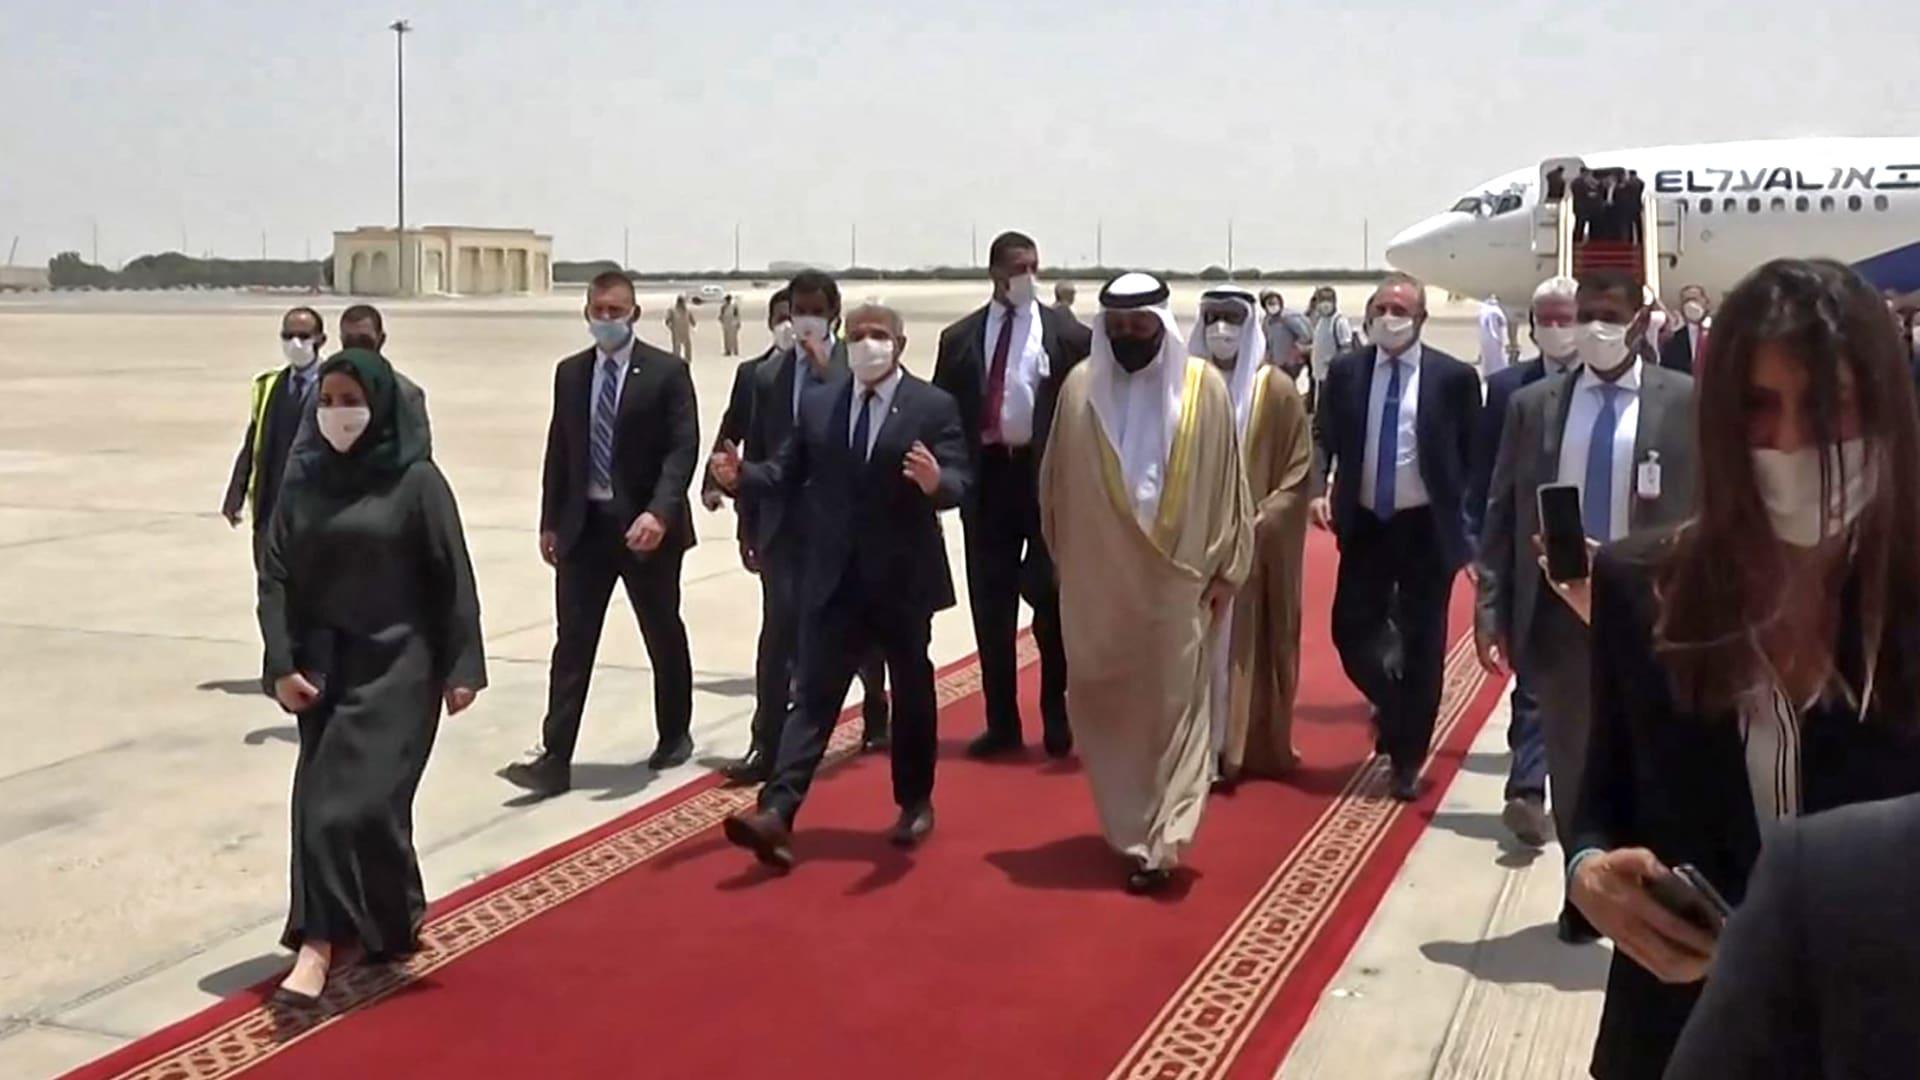 وزير الخارجية الإسرائيلي لدى وصوله إلى الإمارات